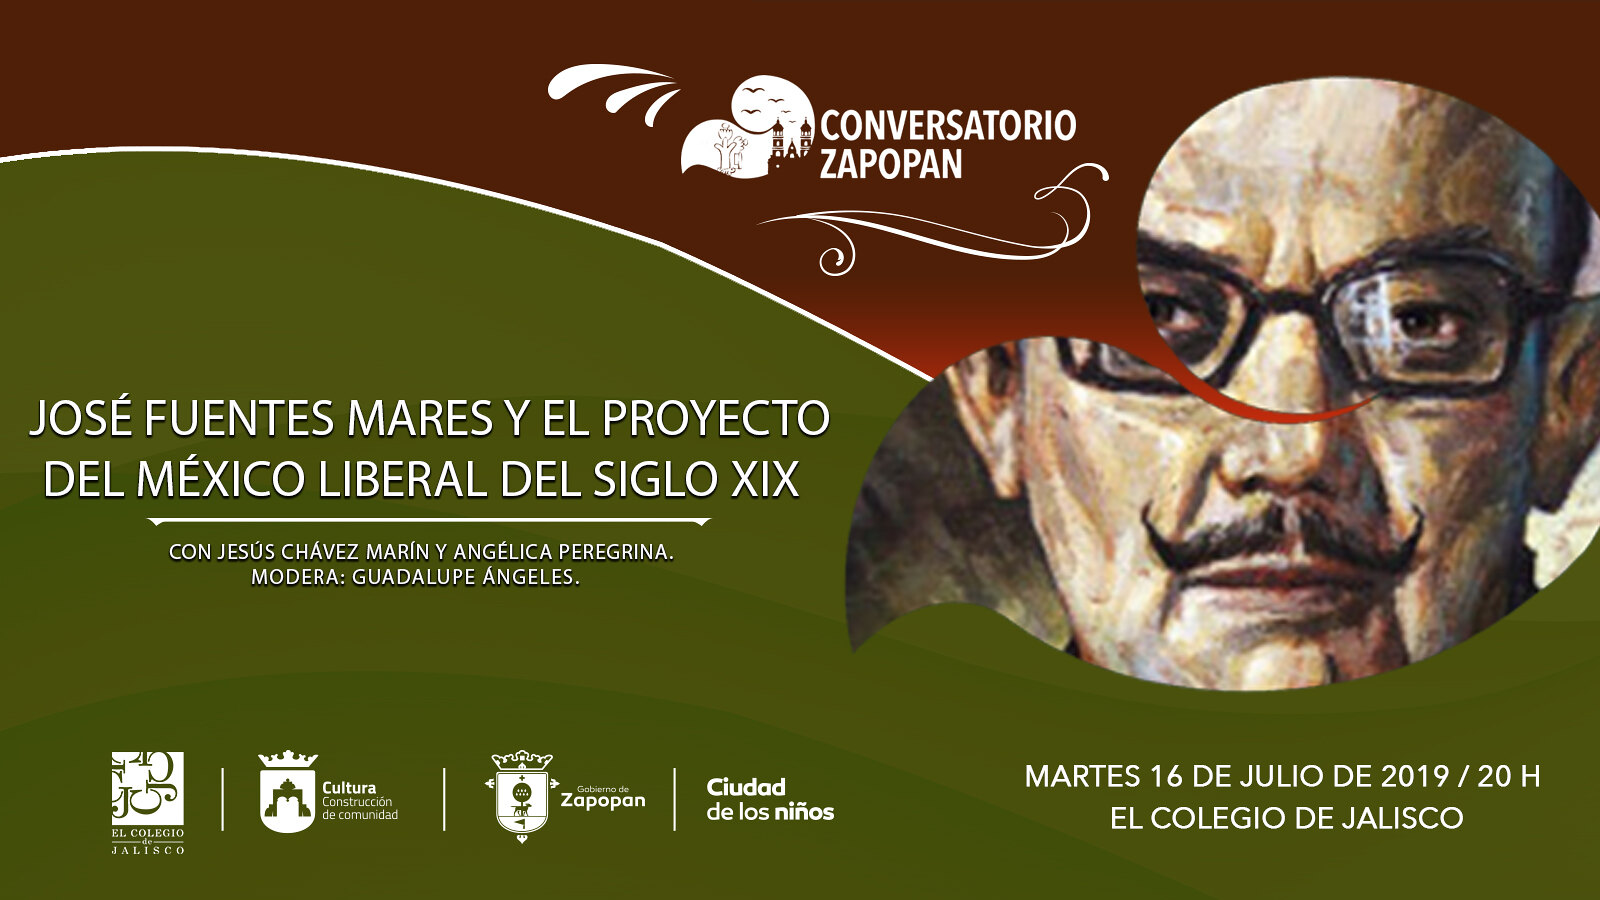 Cultura Zapopan y El Colegio de Jalisco invitan al conversatorio «José Fuentes Mares y el proyecto del México liberal del siglo XIX»